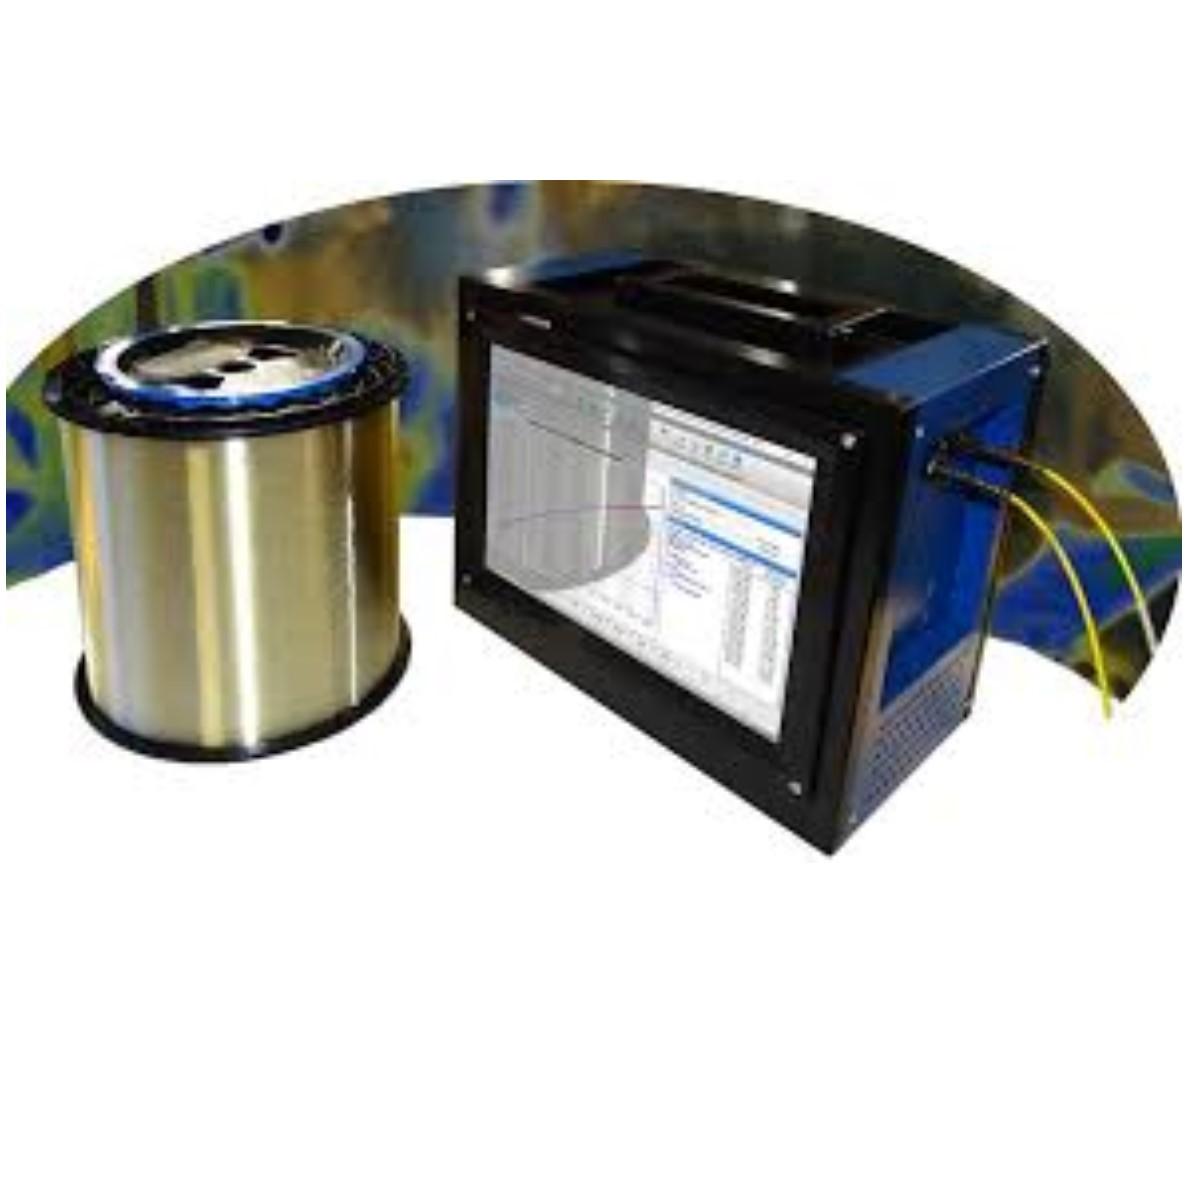 Medicion de Dispersión Cromatica de campo  y PMD PE Fiberoptics  FP5000